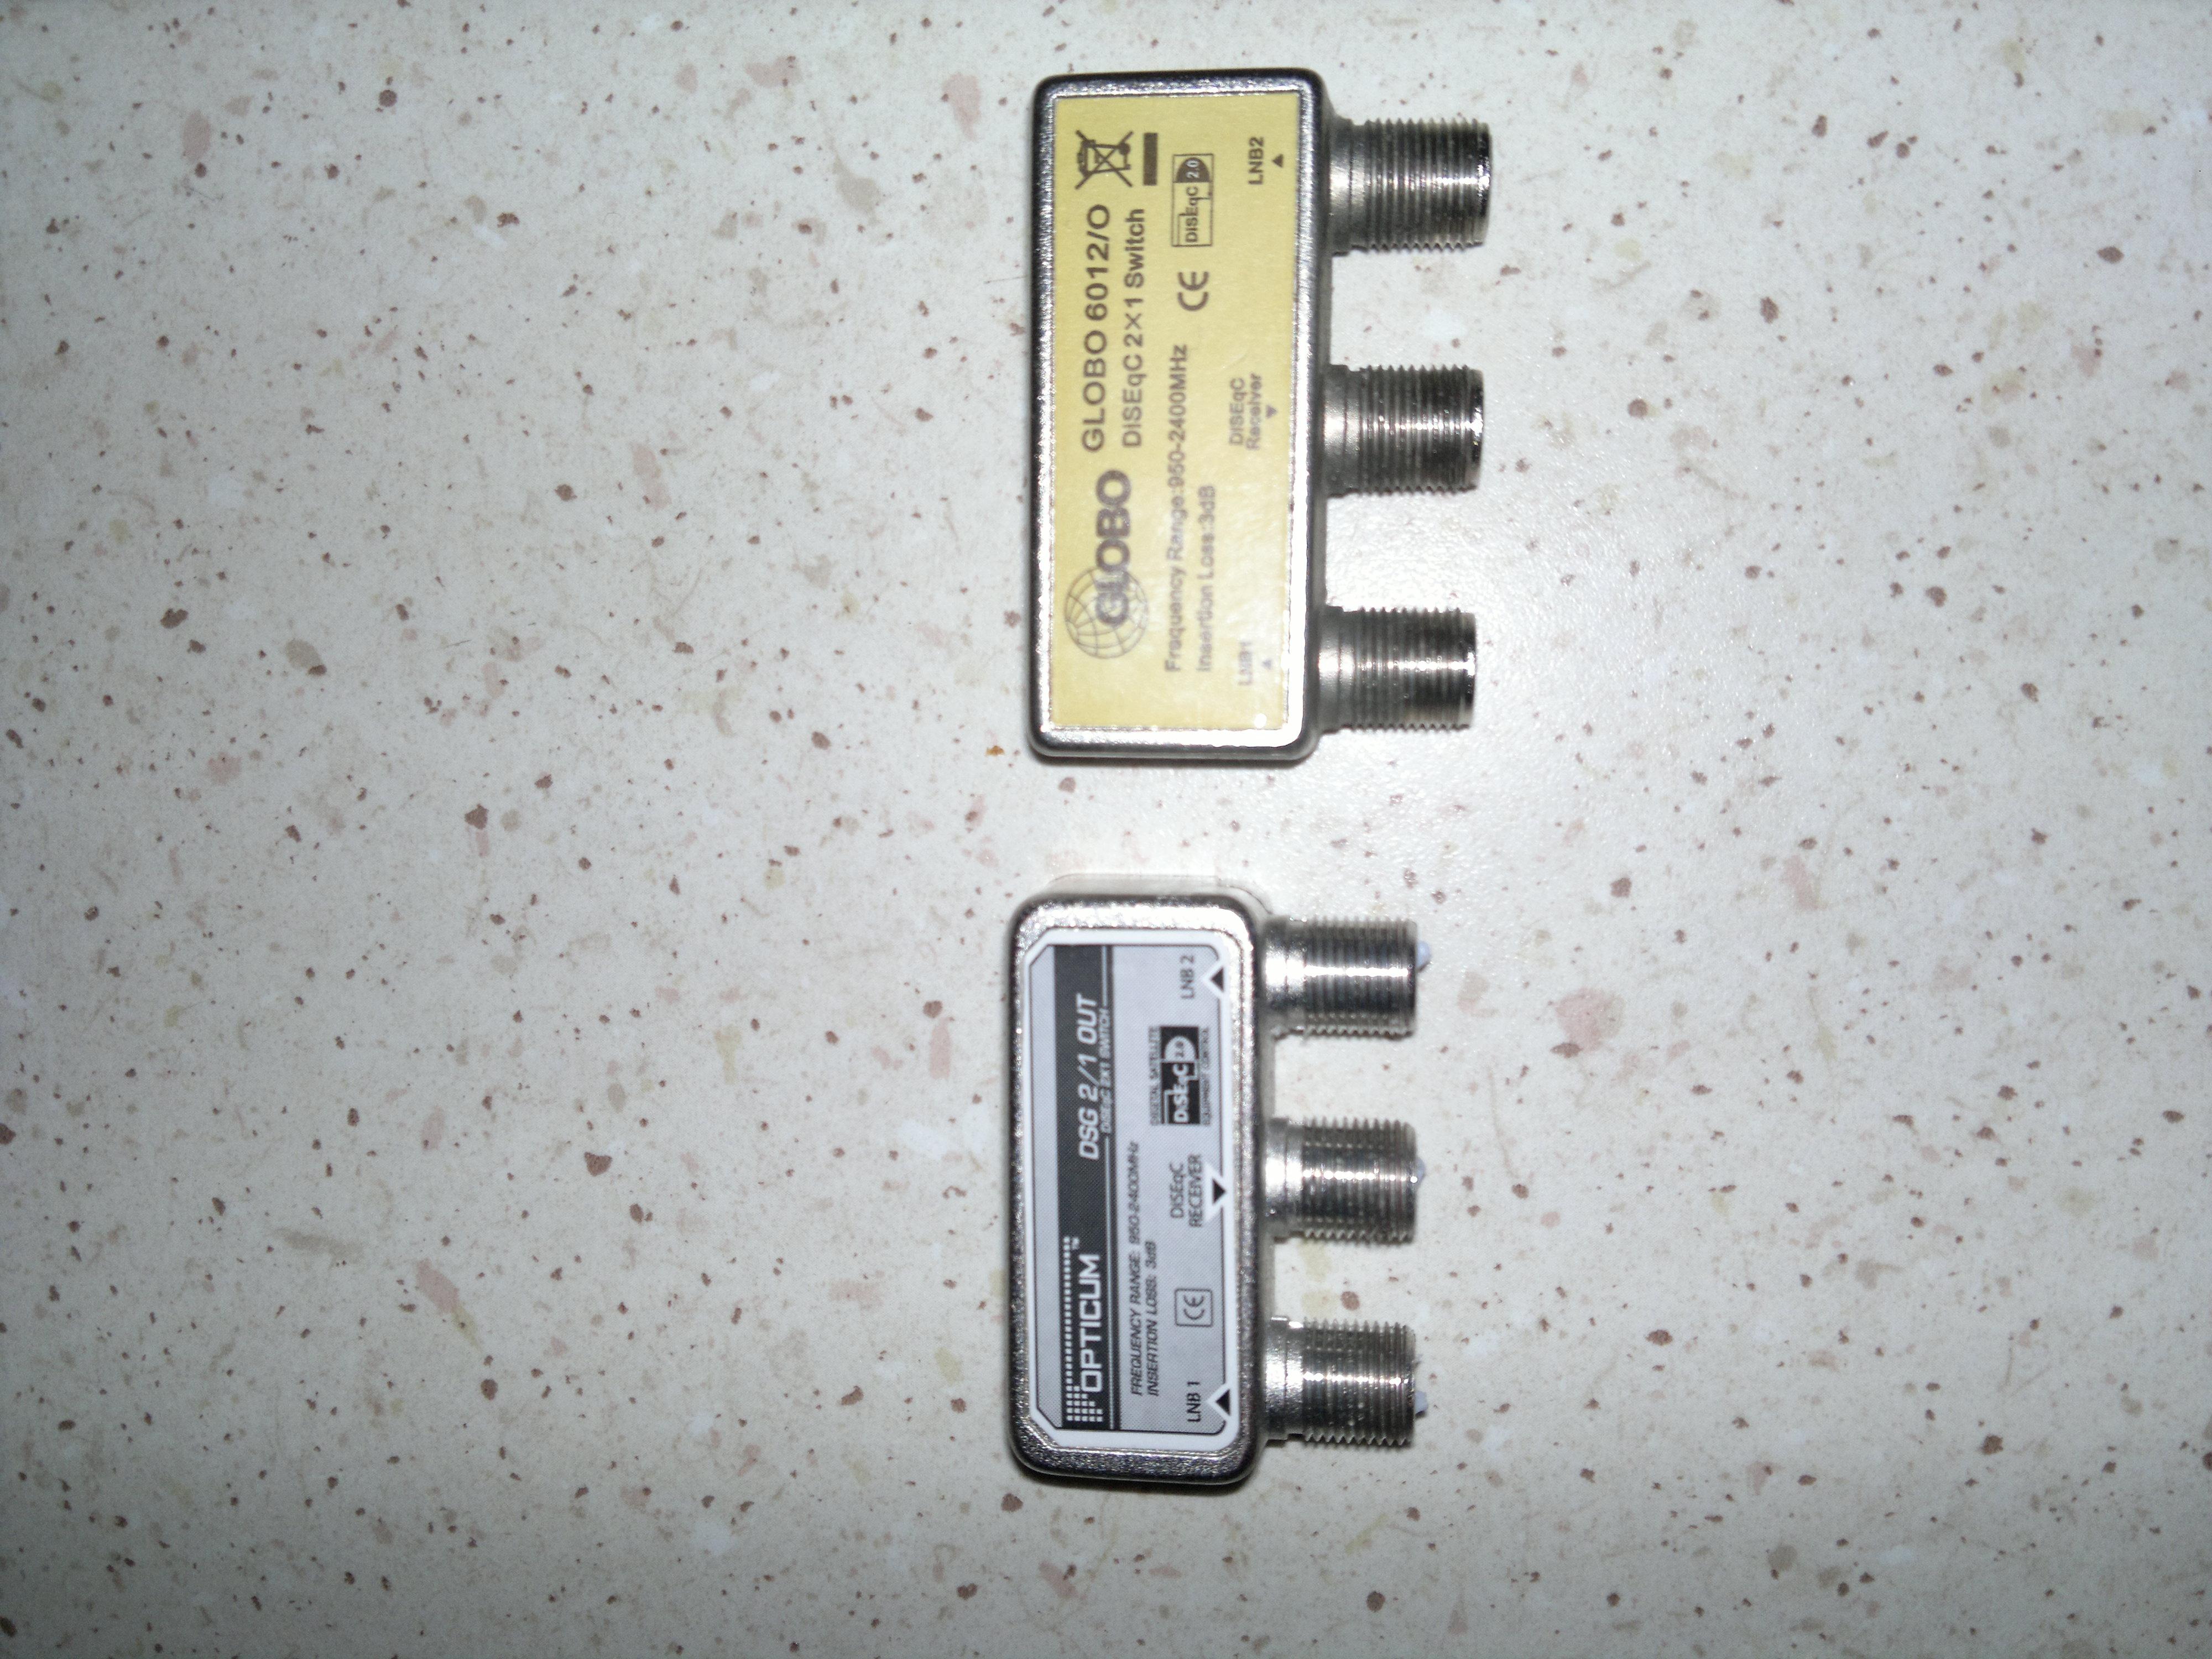 Poważnie Ferguson fk-7000 zez hotbird i astra oraz przełącznik ZD57